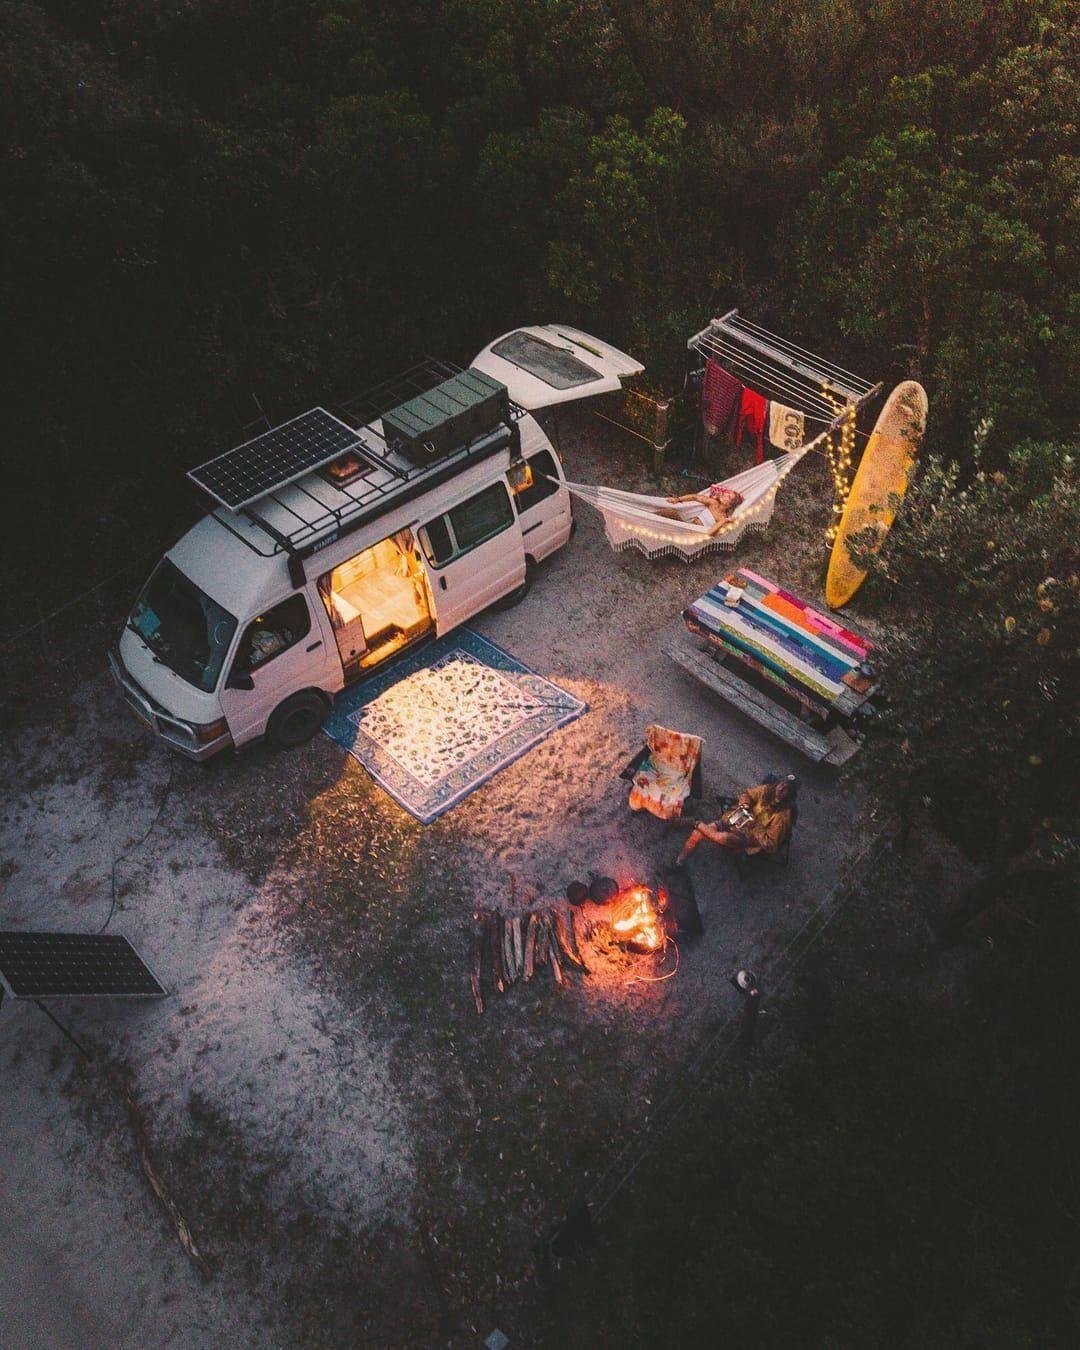 Pin by Rajiv Kaushik on Amazing in 2019 | Van life, Camper